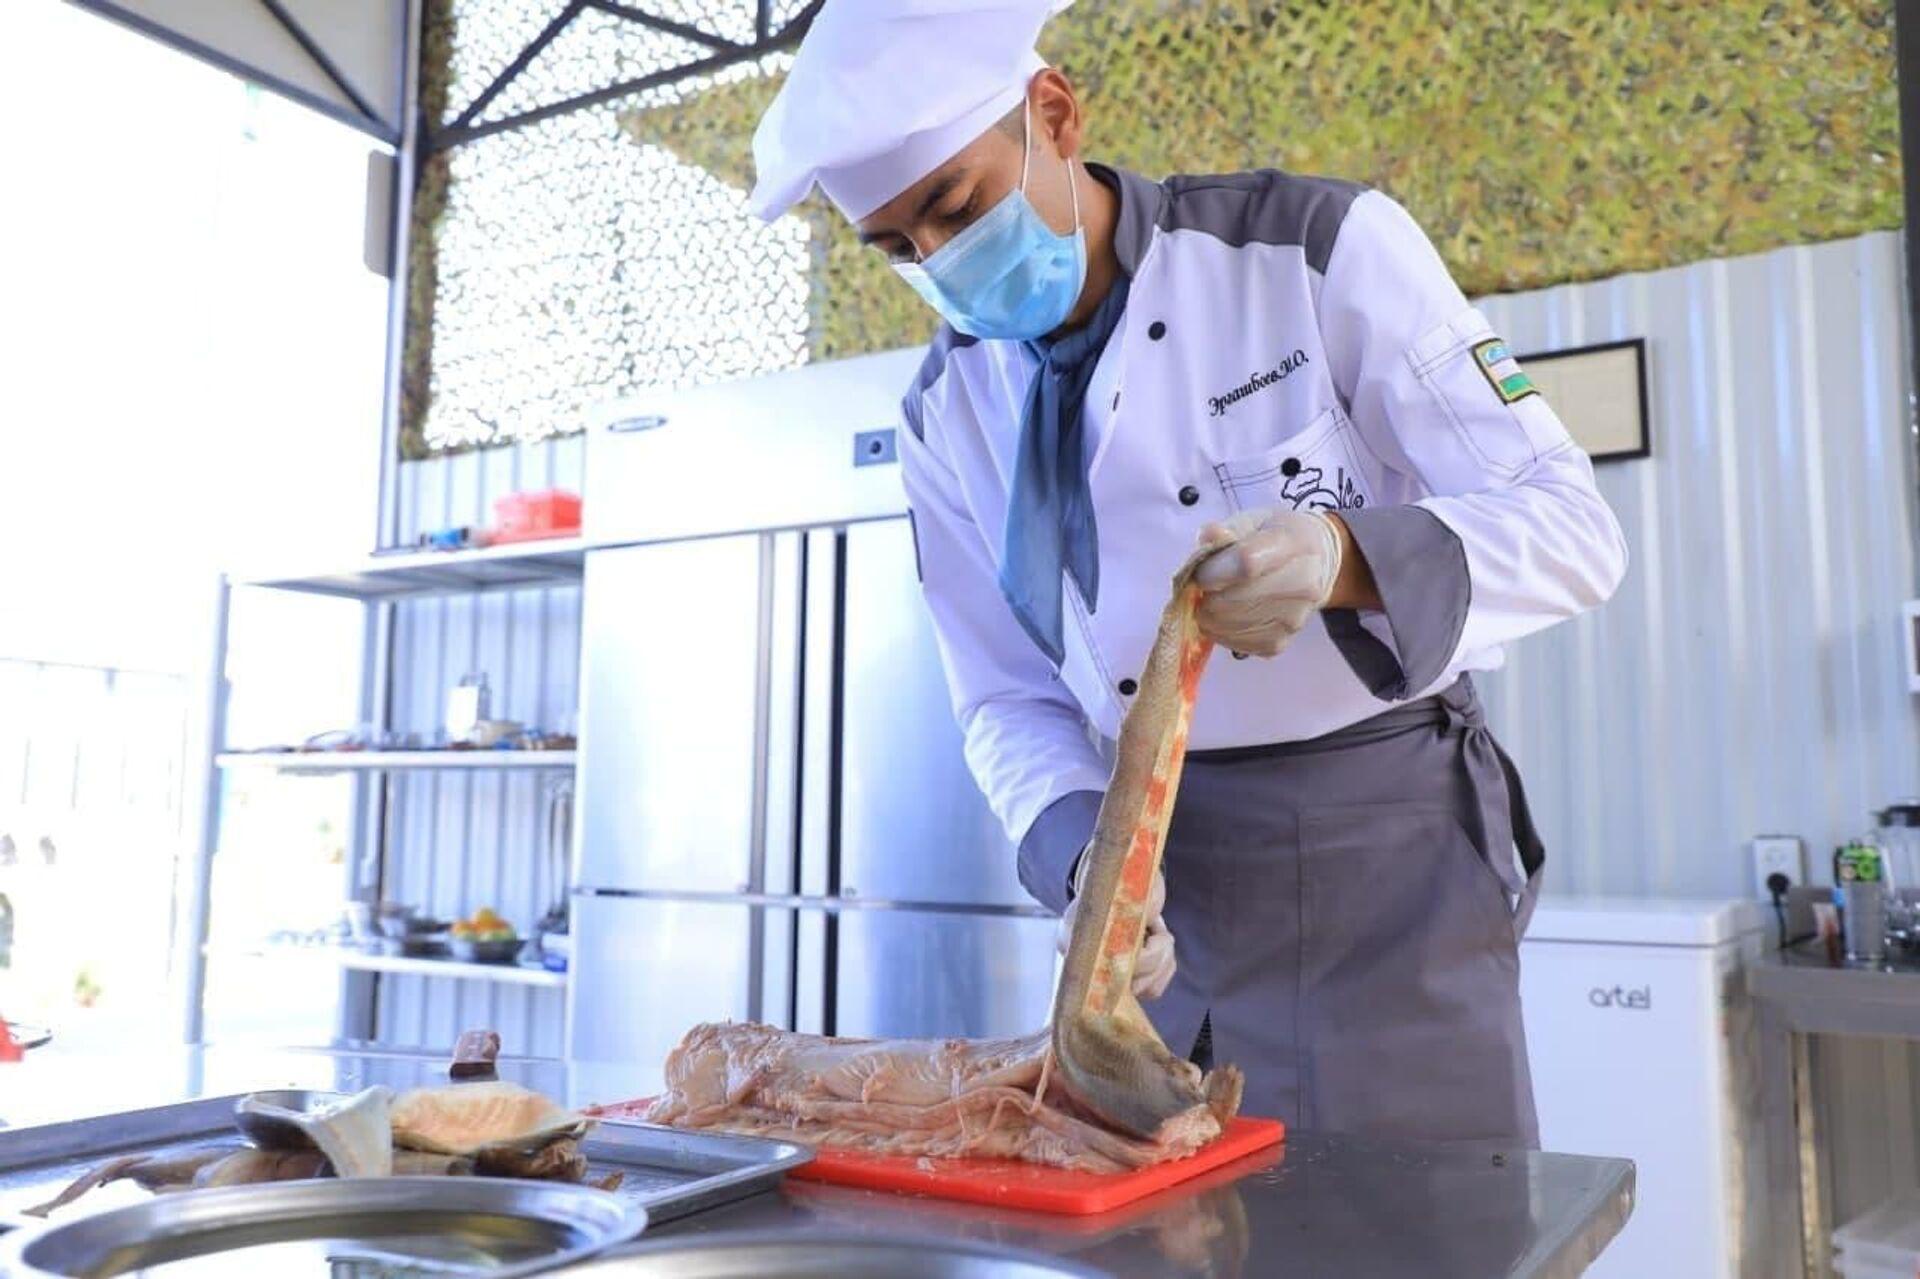 Узбекские военные повара заняли первое место в промежуточном этапе дисциплины - Полевая кухня. - Sputnik Ўзбекистон, 1920, 26.08.2021